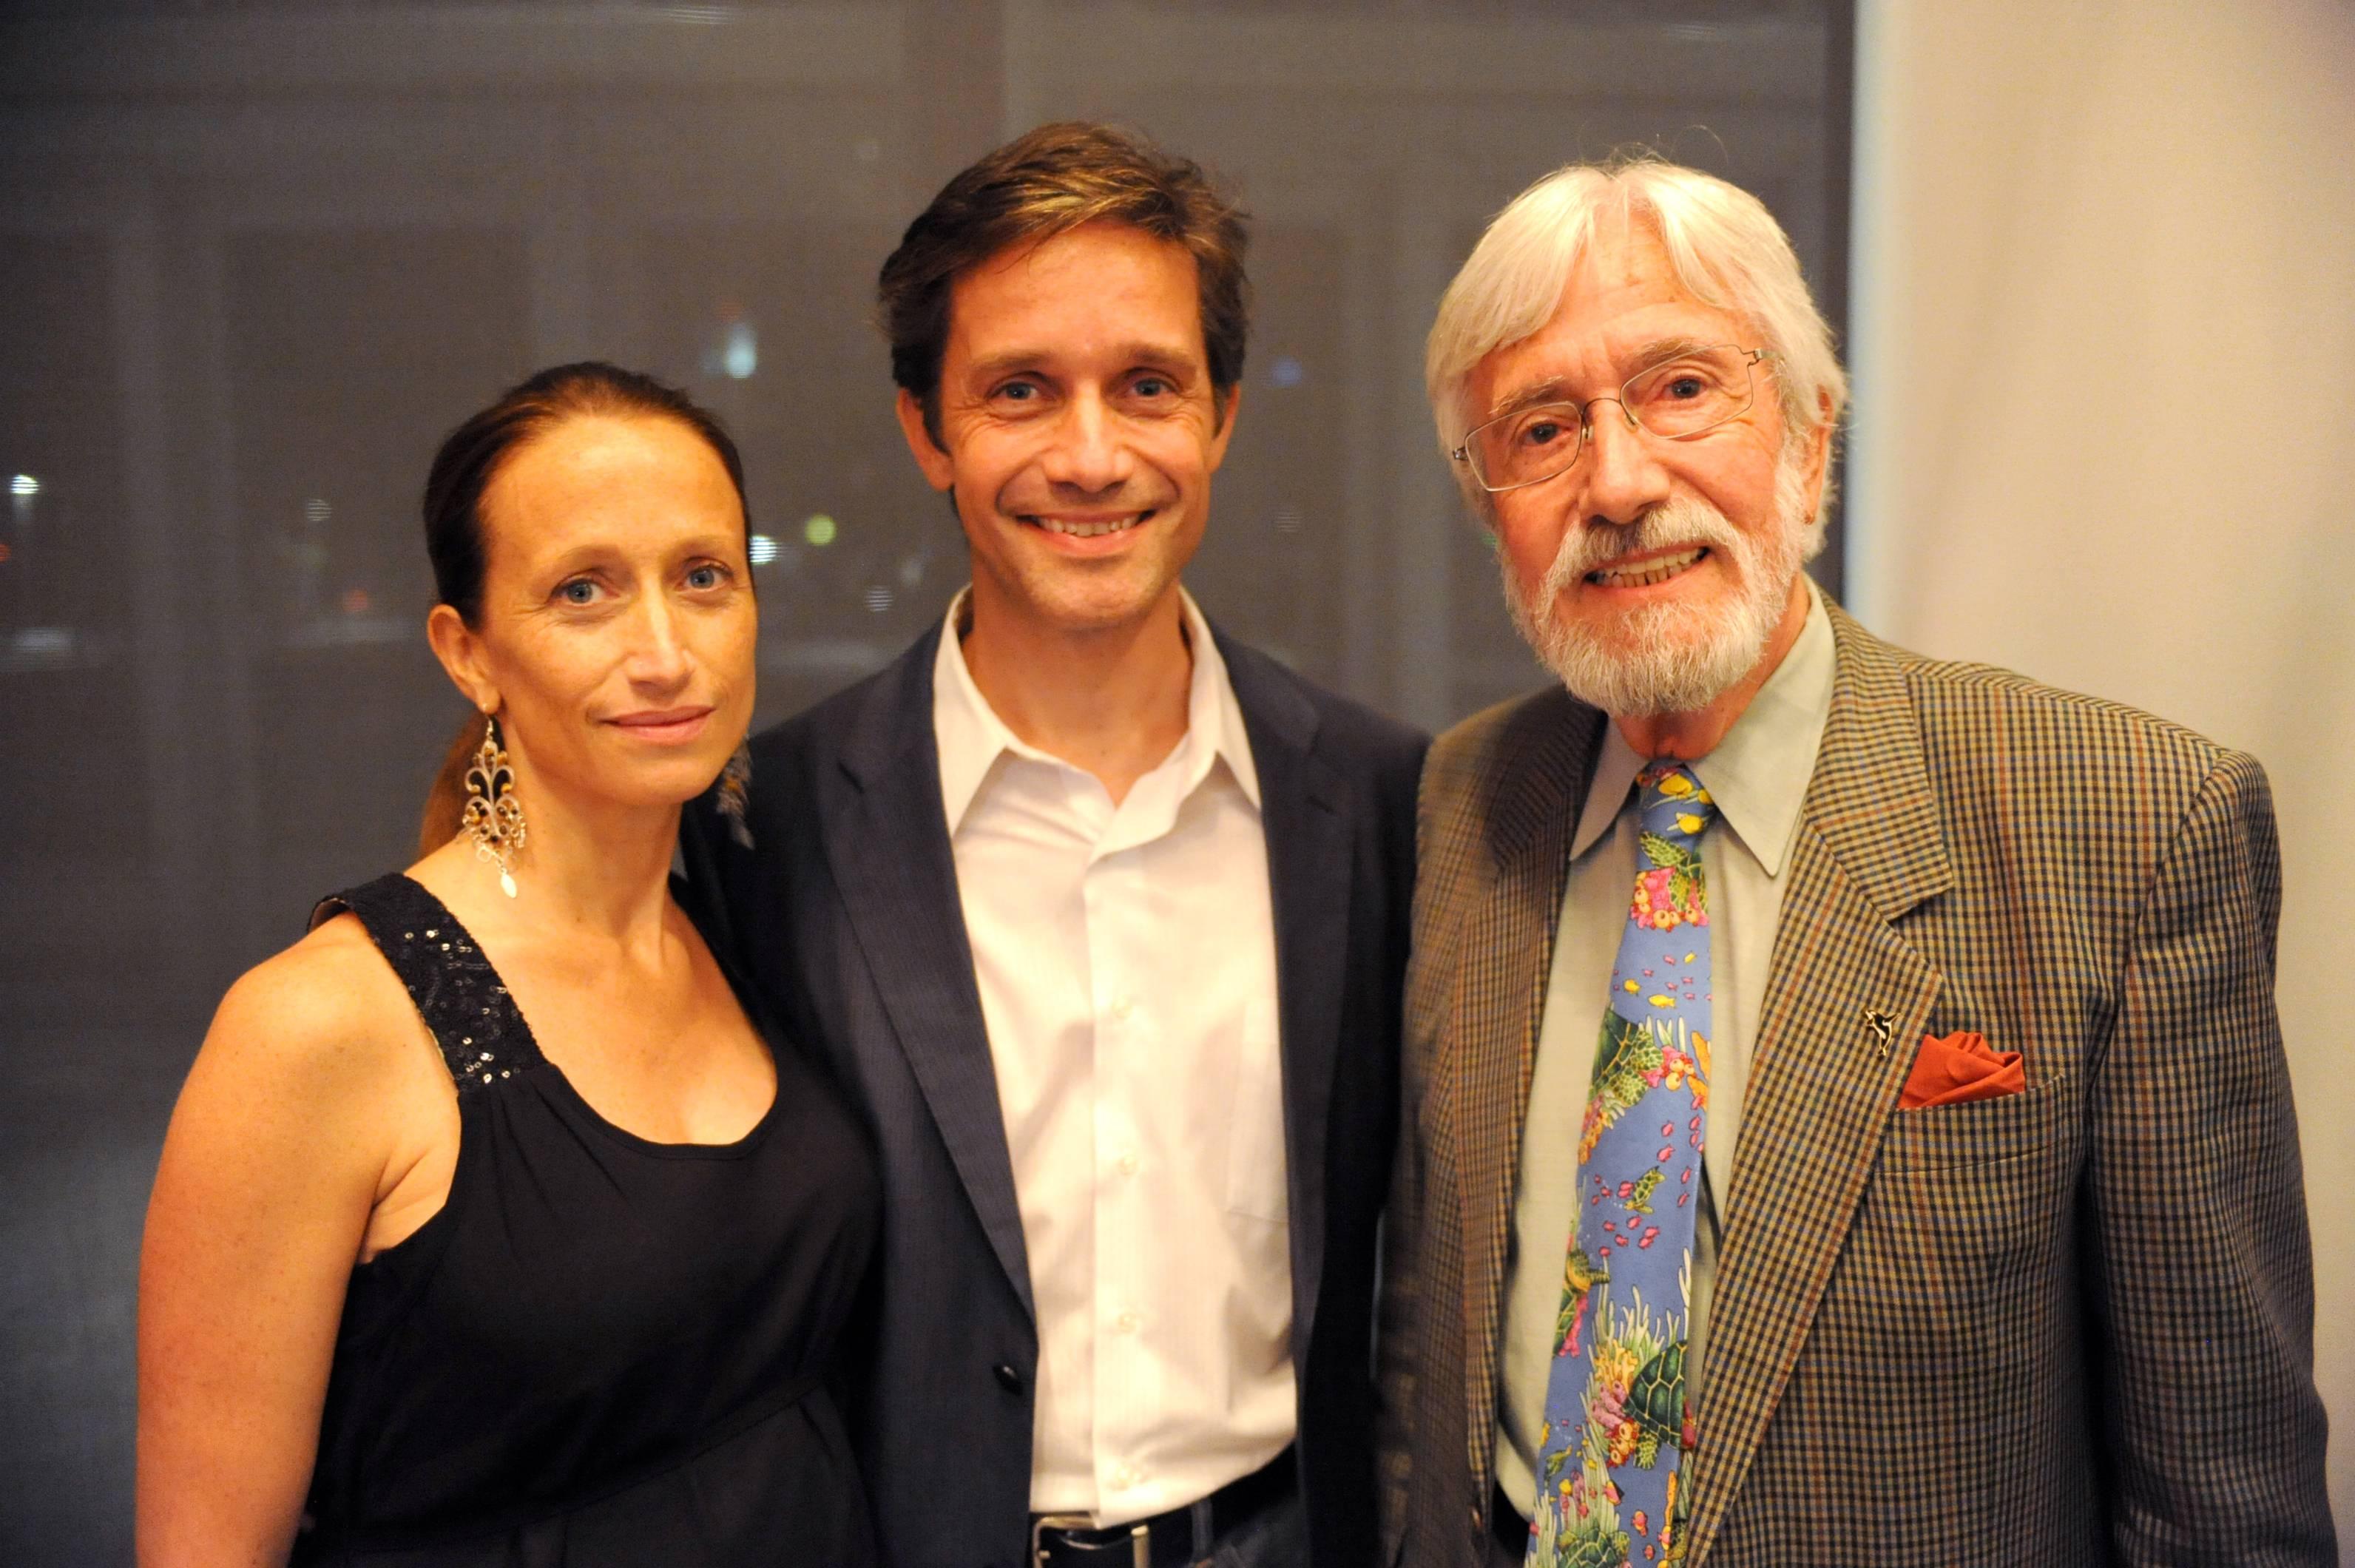 Celine, Fabien, & Jean Michel Cousteau